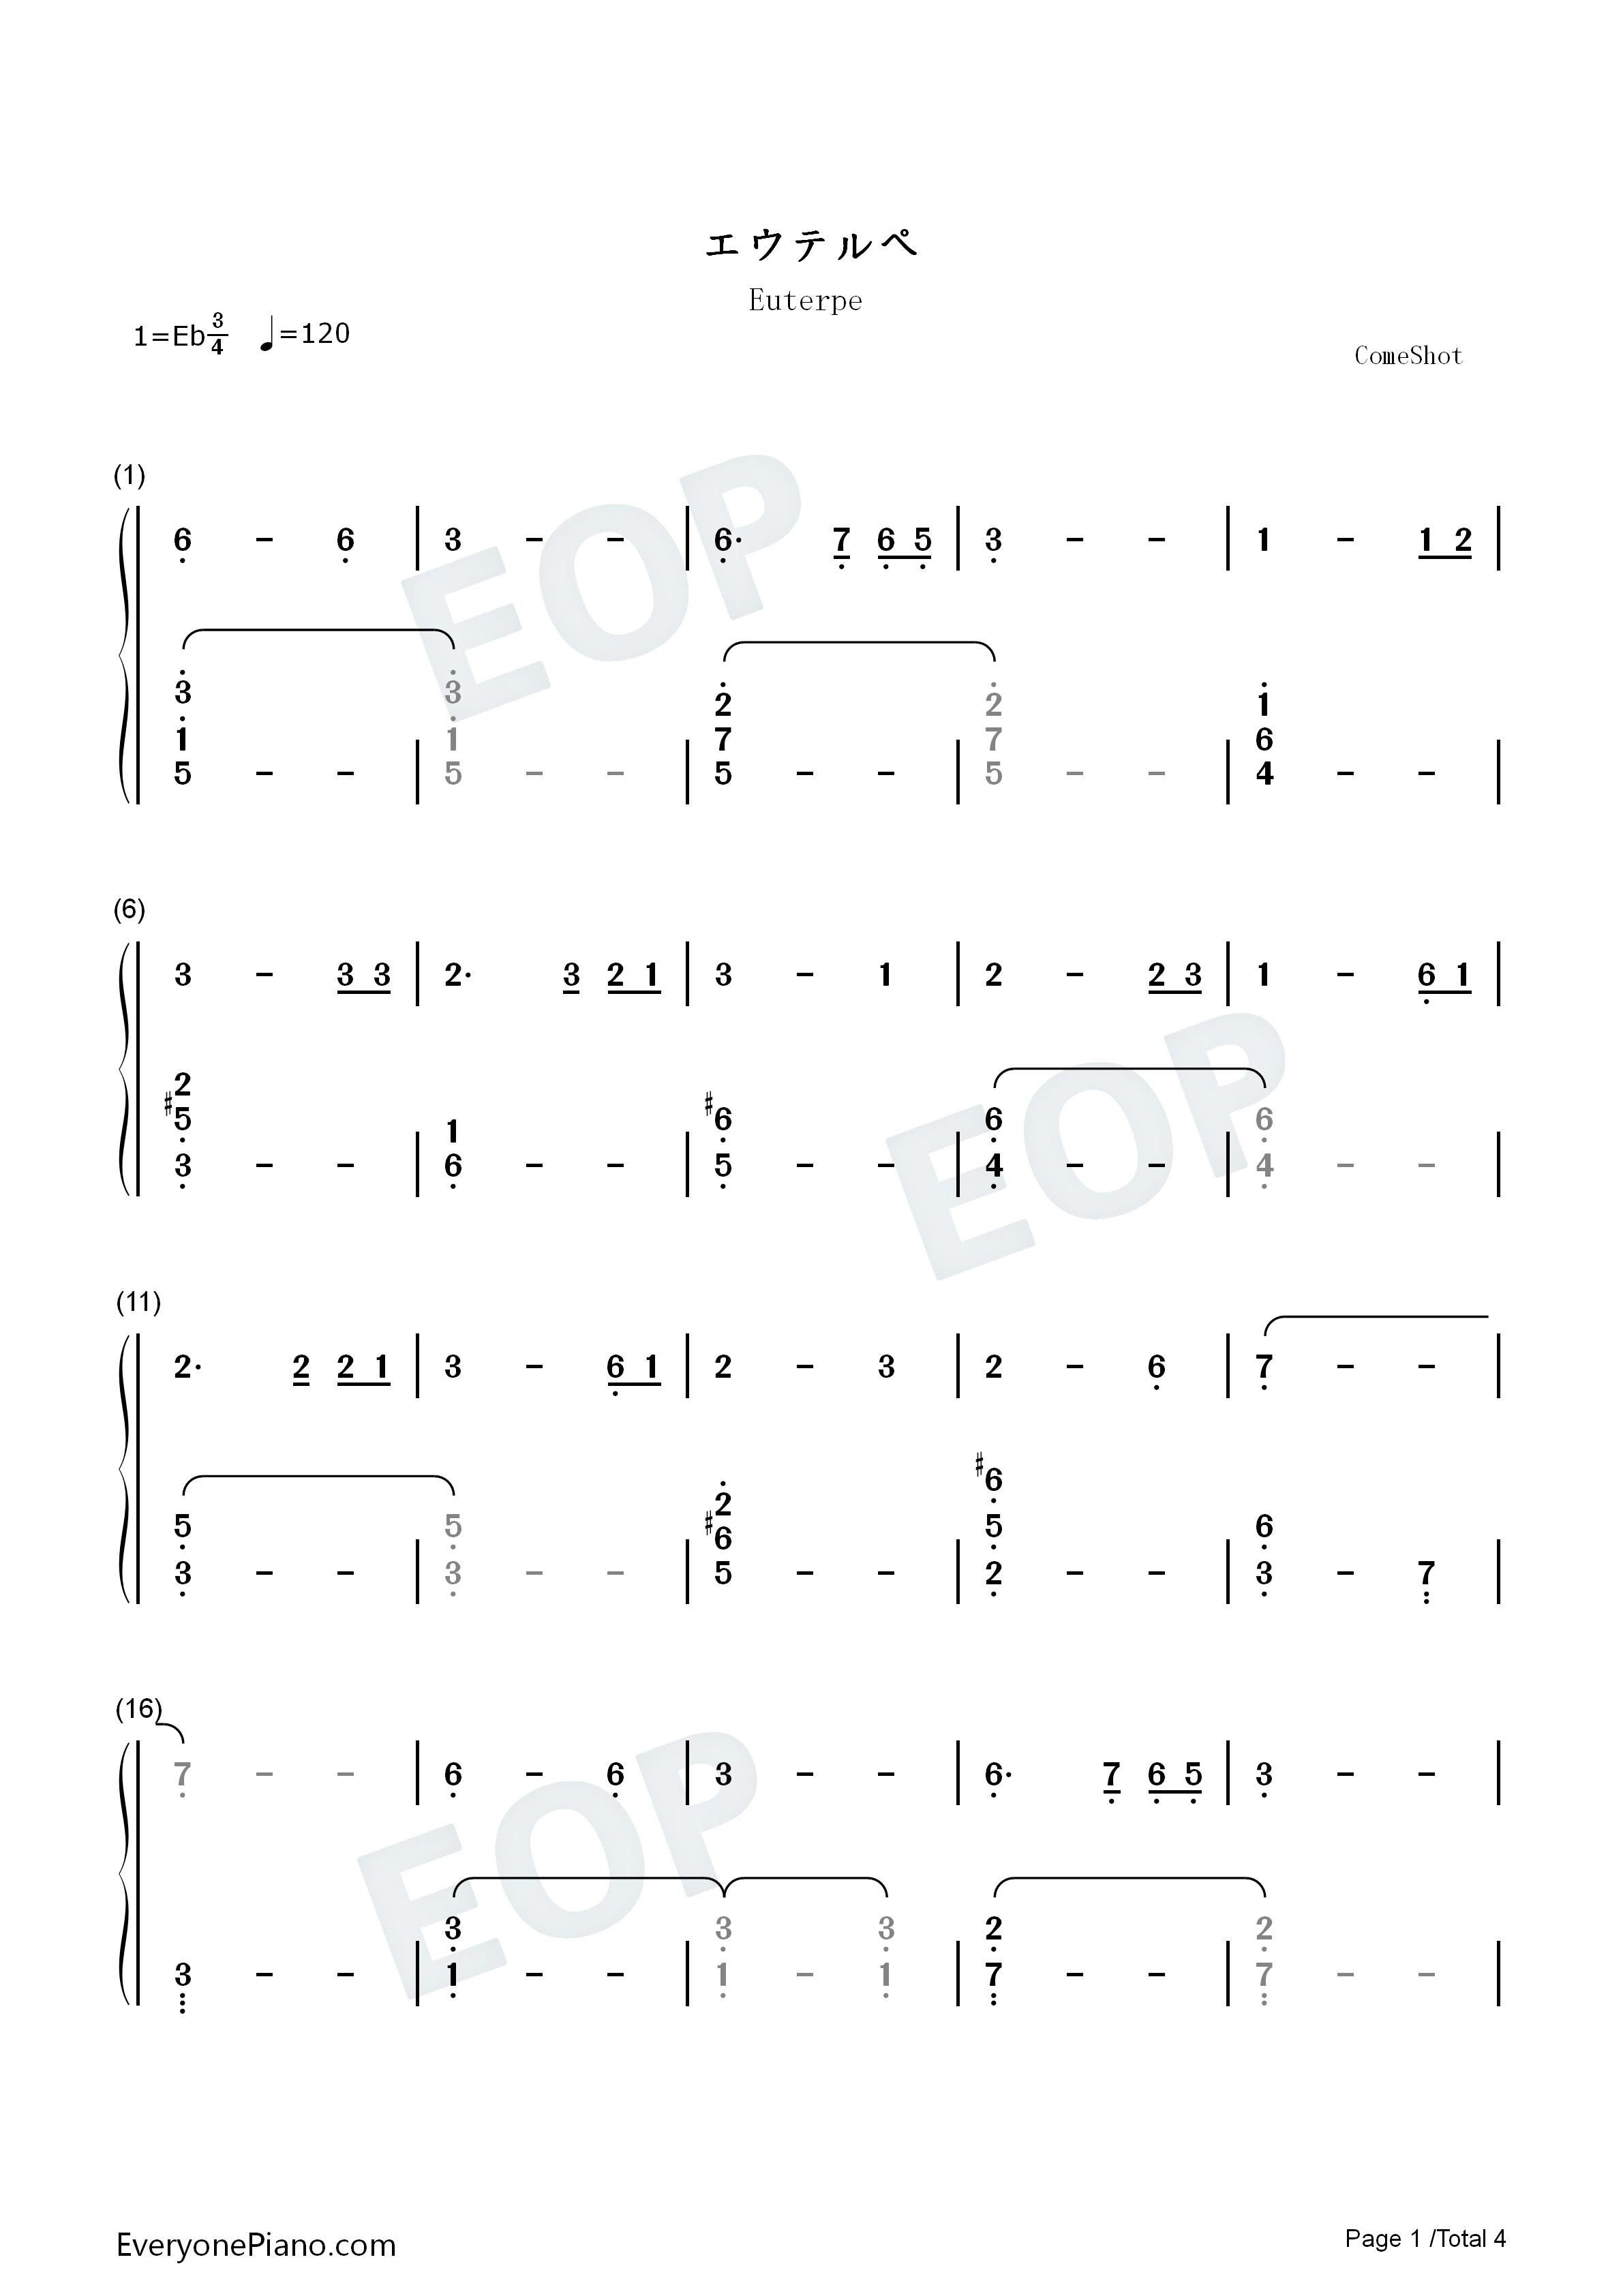 Euterpe an episode of guilty crown numbered musical notation listen now print sheet euterpe an episode of guilty crown numbered musical notation preview 1 hexwebz Images